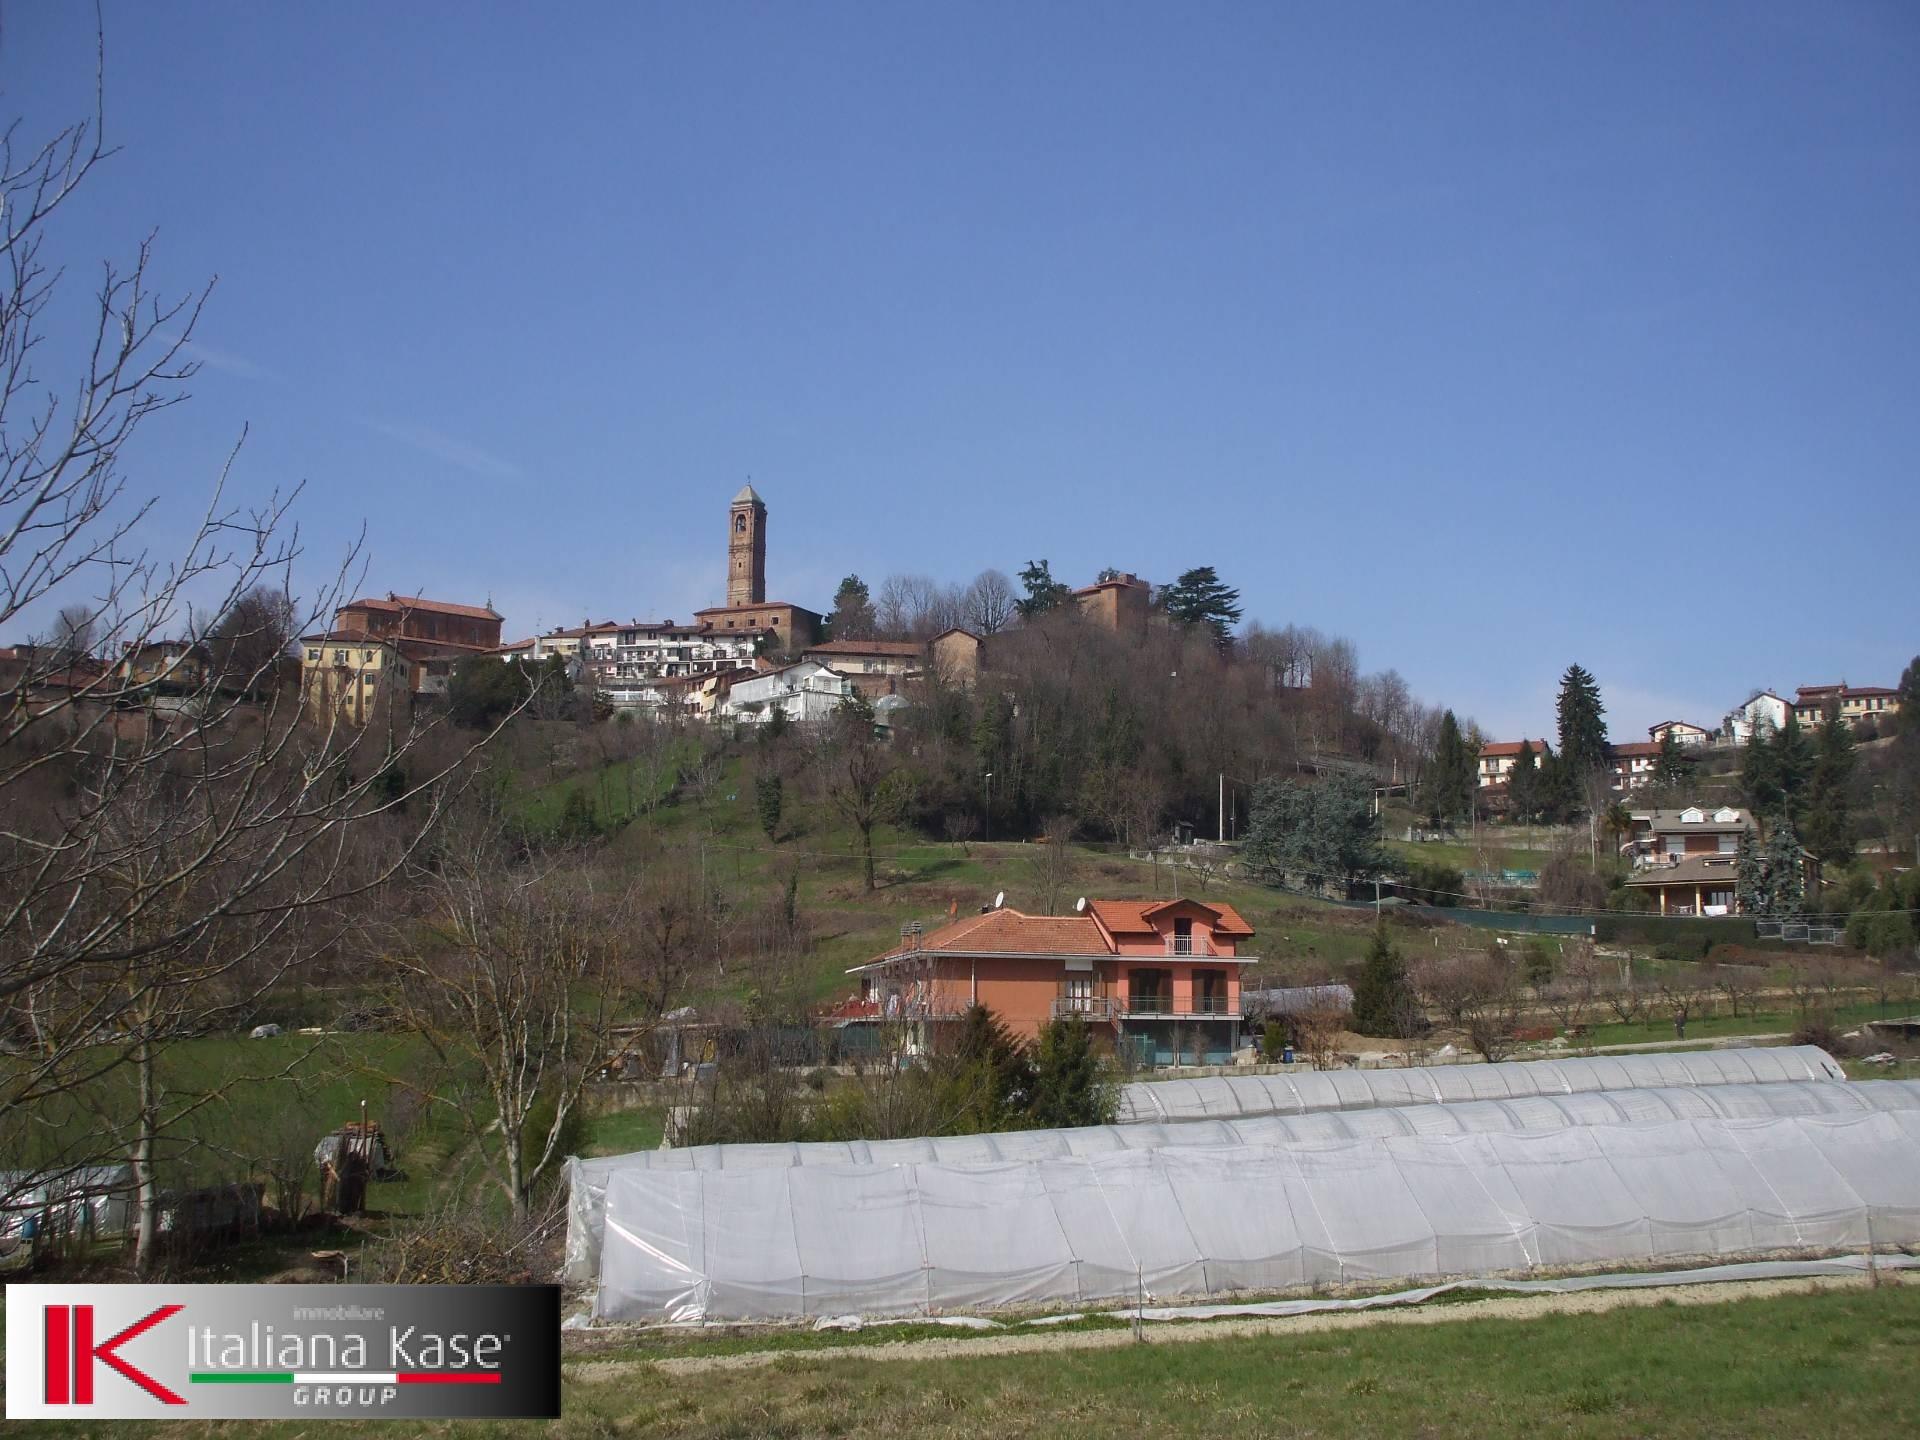 Terreno Edificabile Residenziale in vendita a Sciolze, 9999 locali, zona Località: Sciolze, prezzo € 59.000 | PortaleAgenzieImmobiliari.it